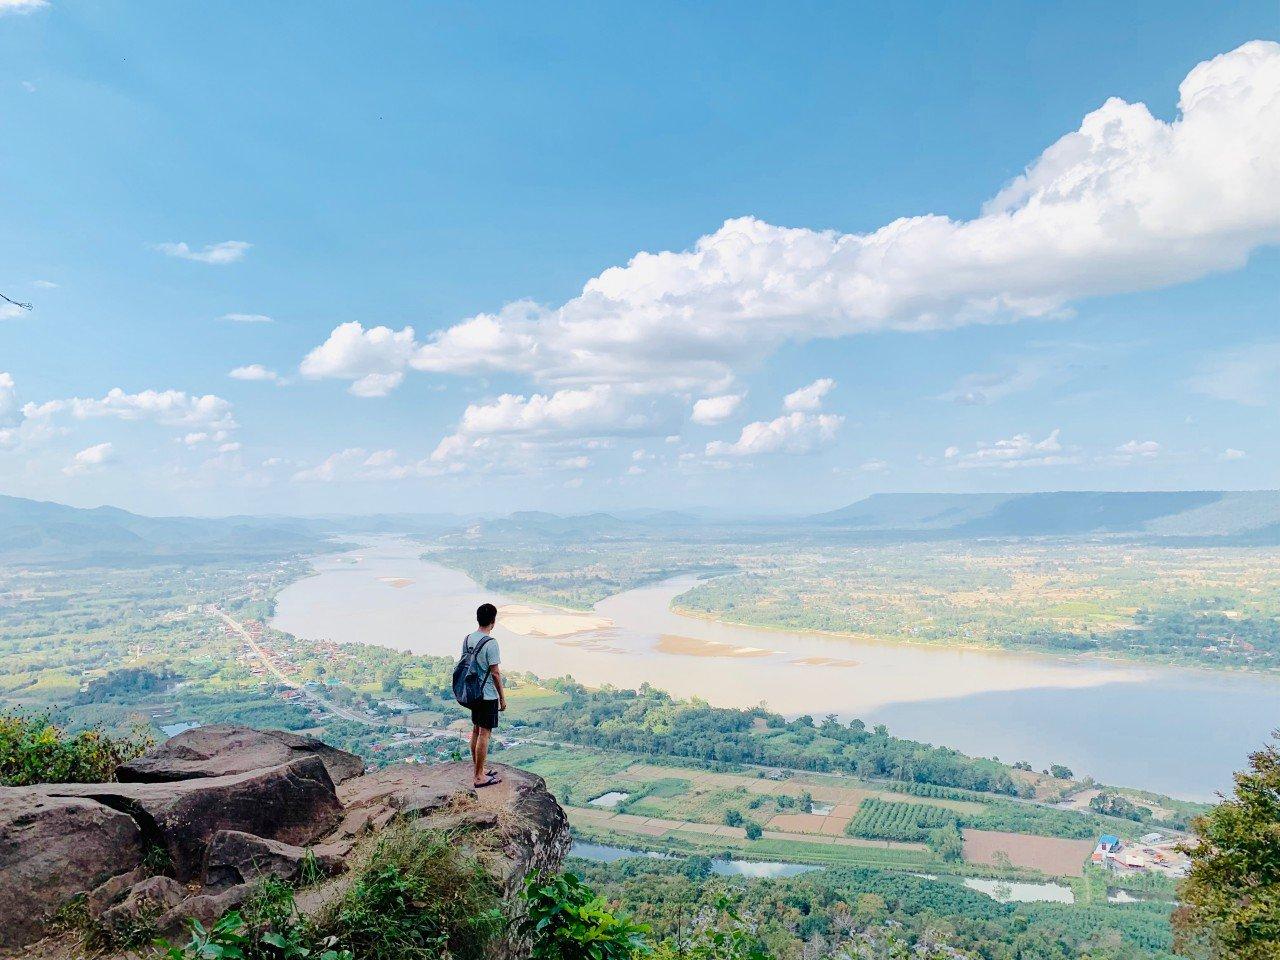 【廊開景點推薦】走上天空步道鳥瞰泰寮邊境 Wat Pha Tak Suea Skywalk